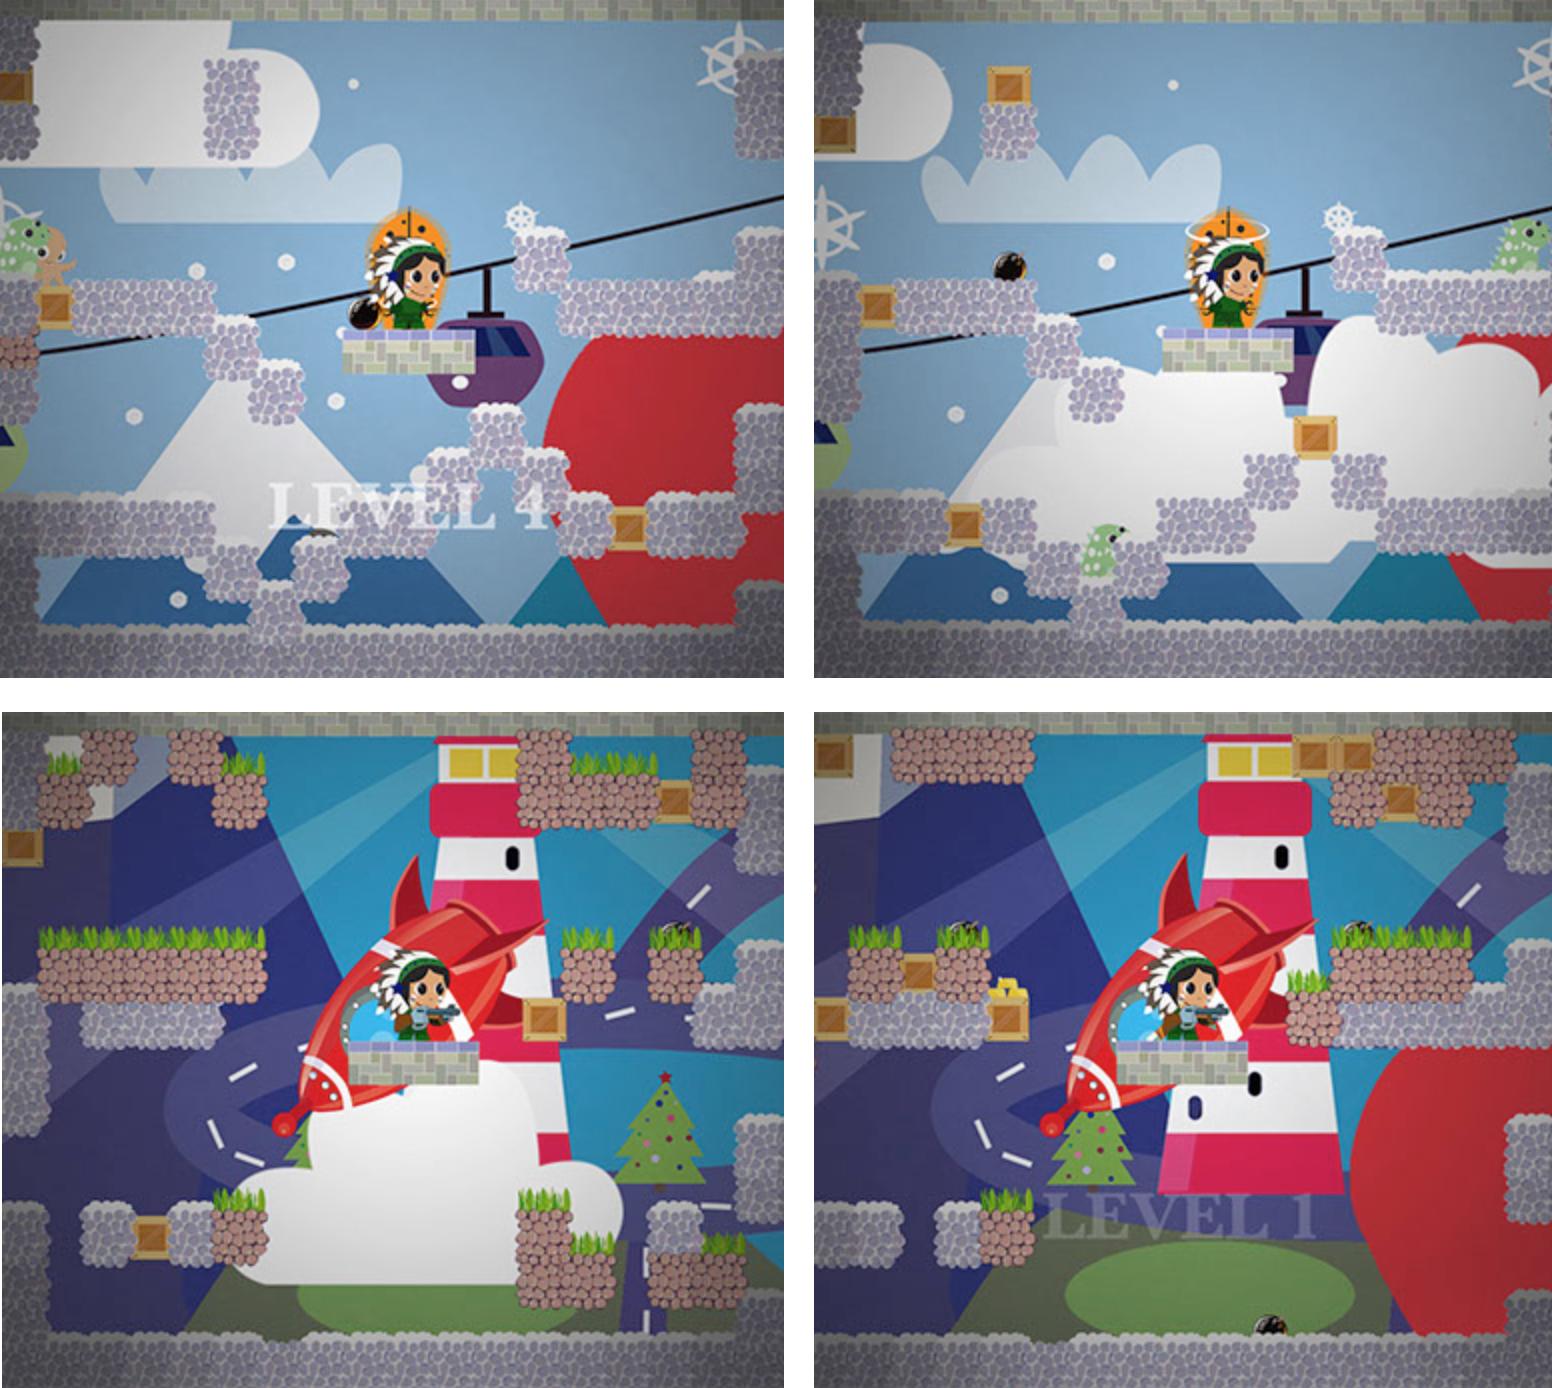 Алгоритмы интеллектуальной автогенерации уровней в iOS игре - 12